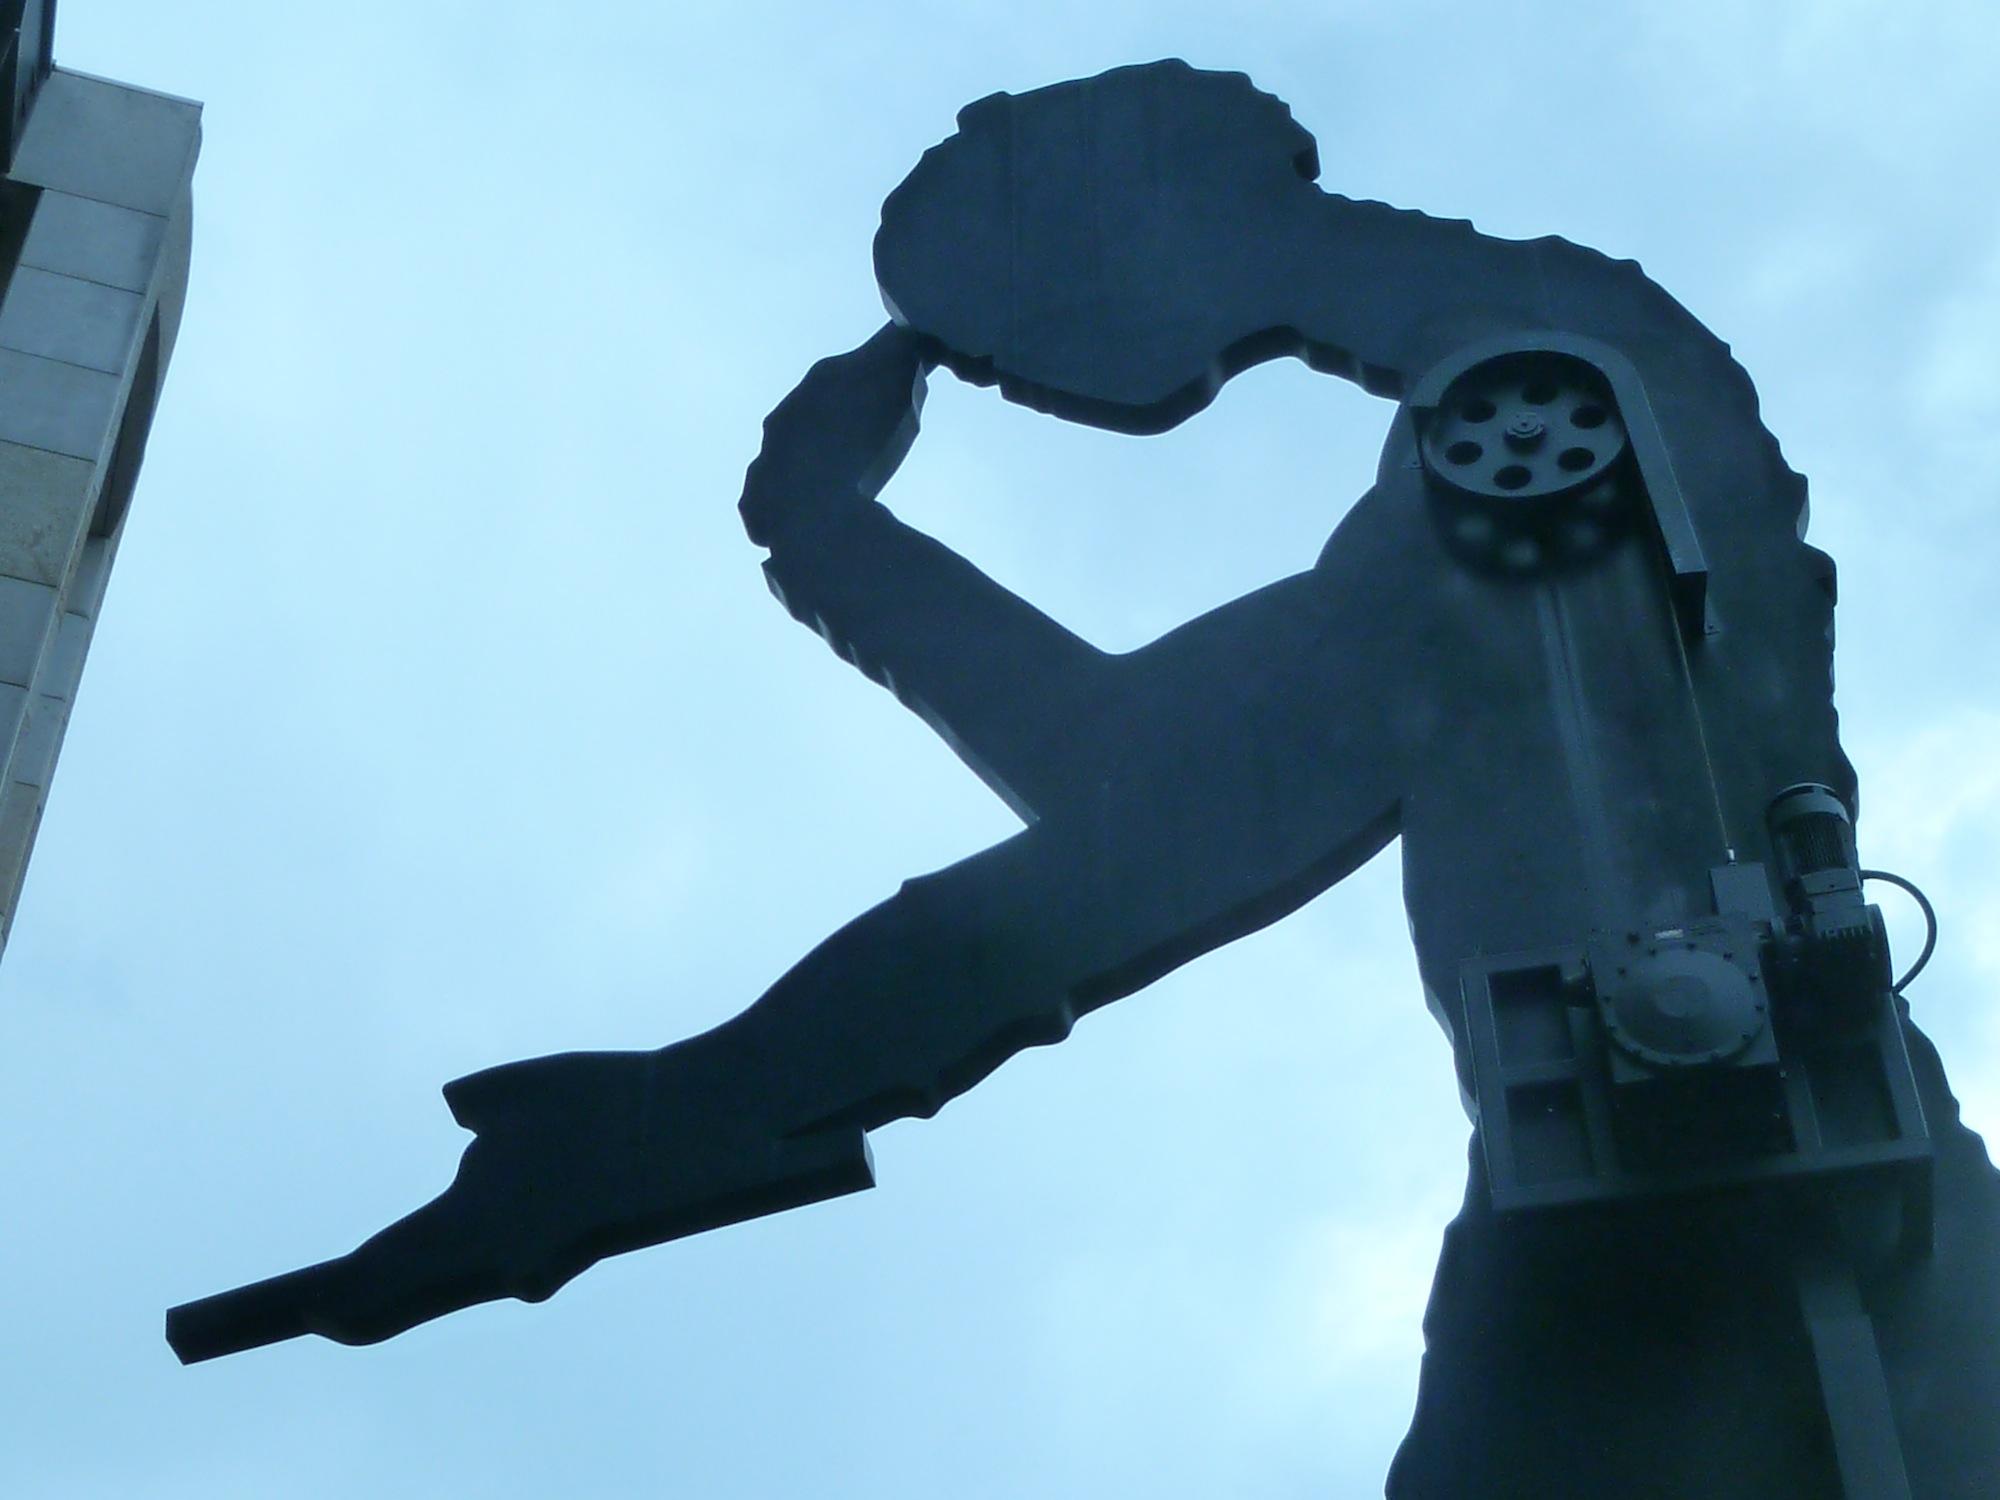 Sanfte Bewegung dank Gegengewicht und kleinem Motor: Der Arm des Hammering Man geht seit 25 Jahren stetig auf und ab.